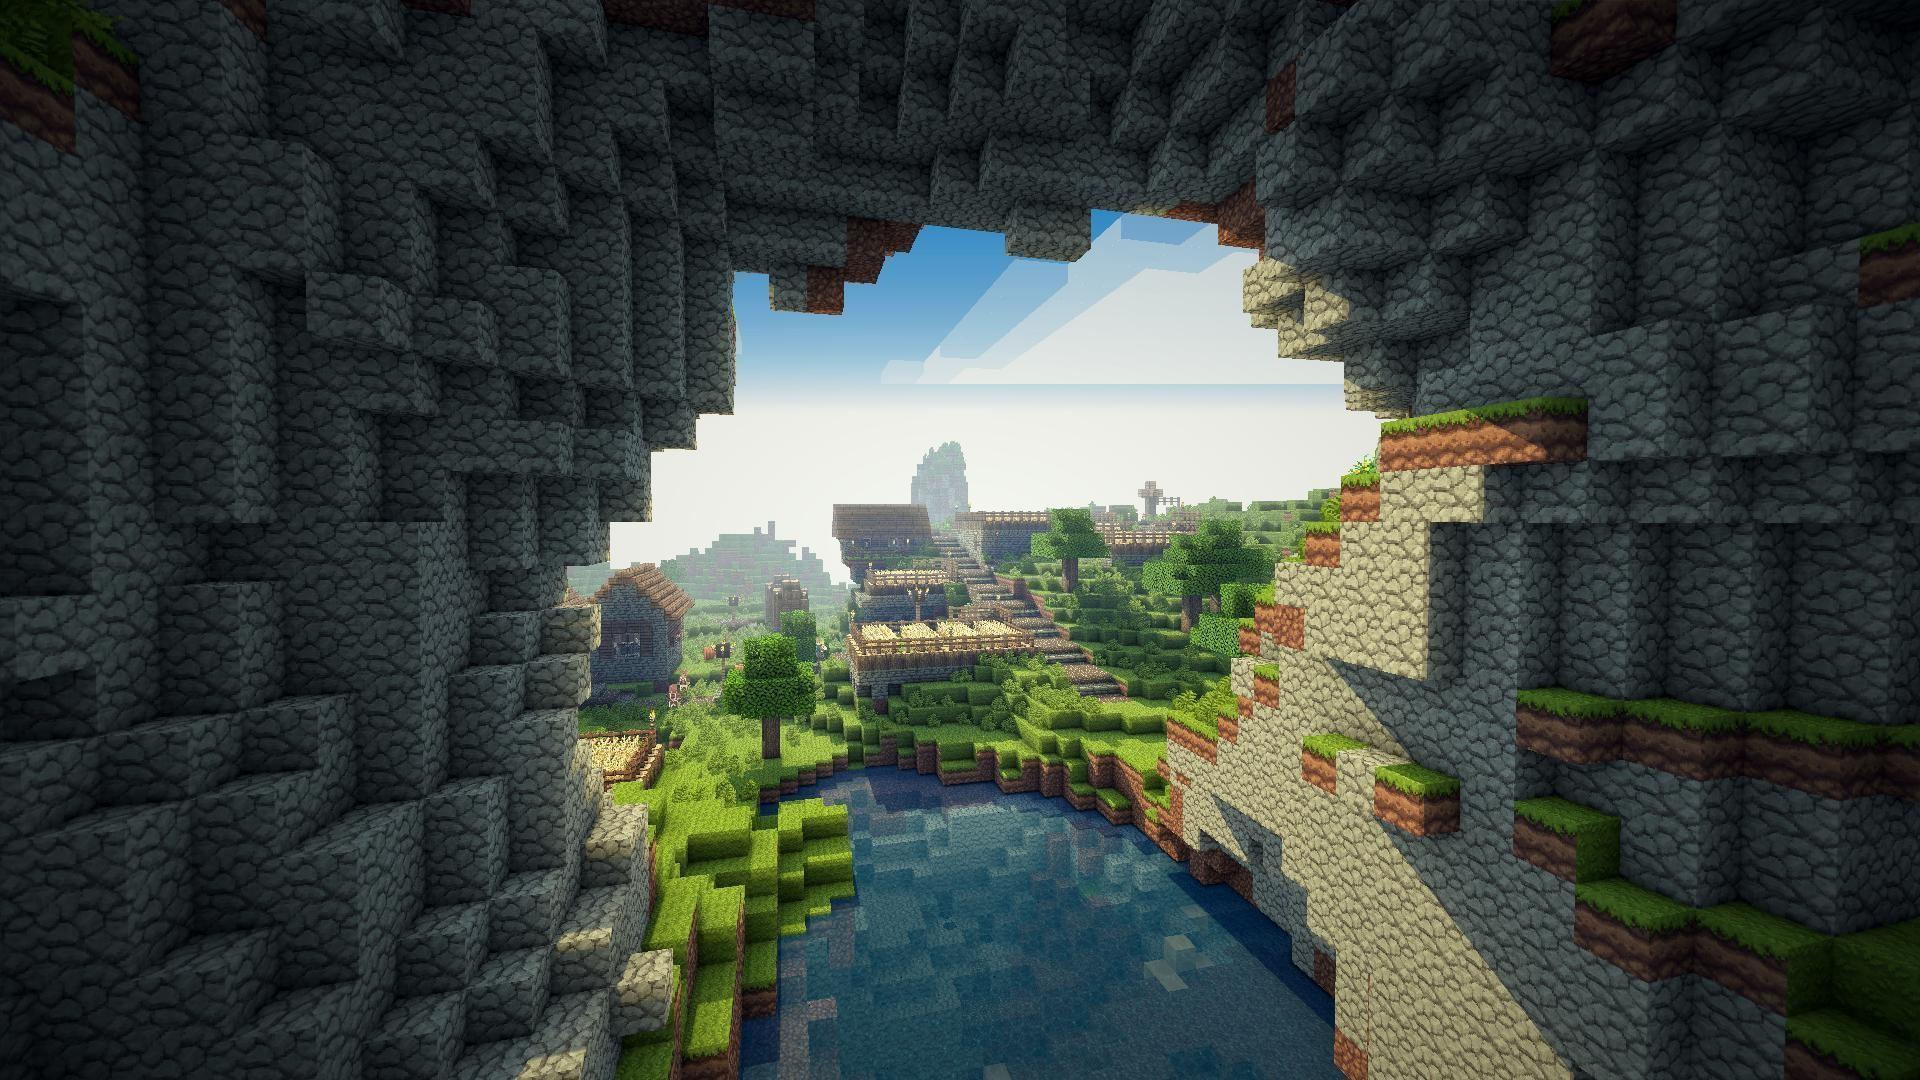 Minecraft Mac Wallpaper Hd